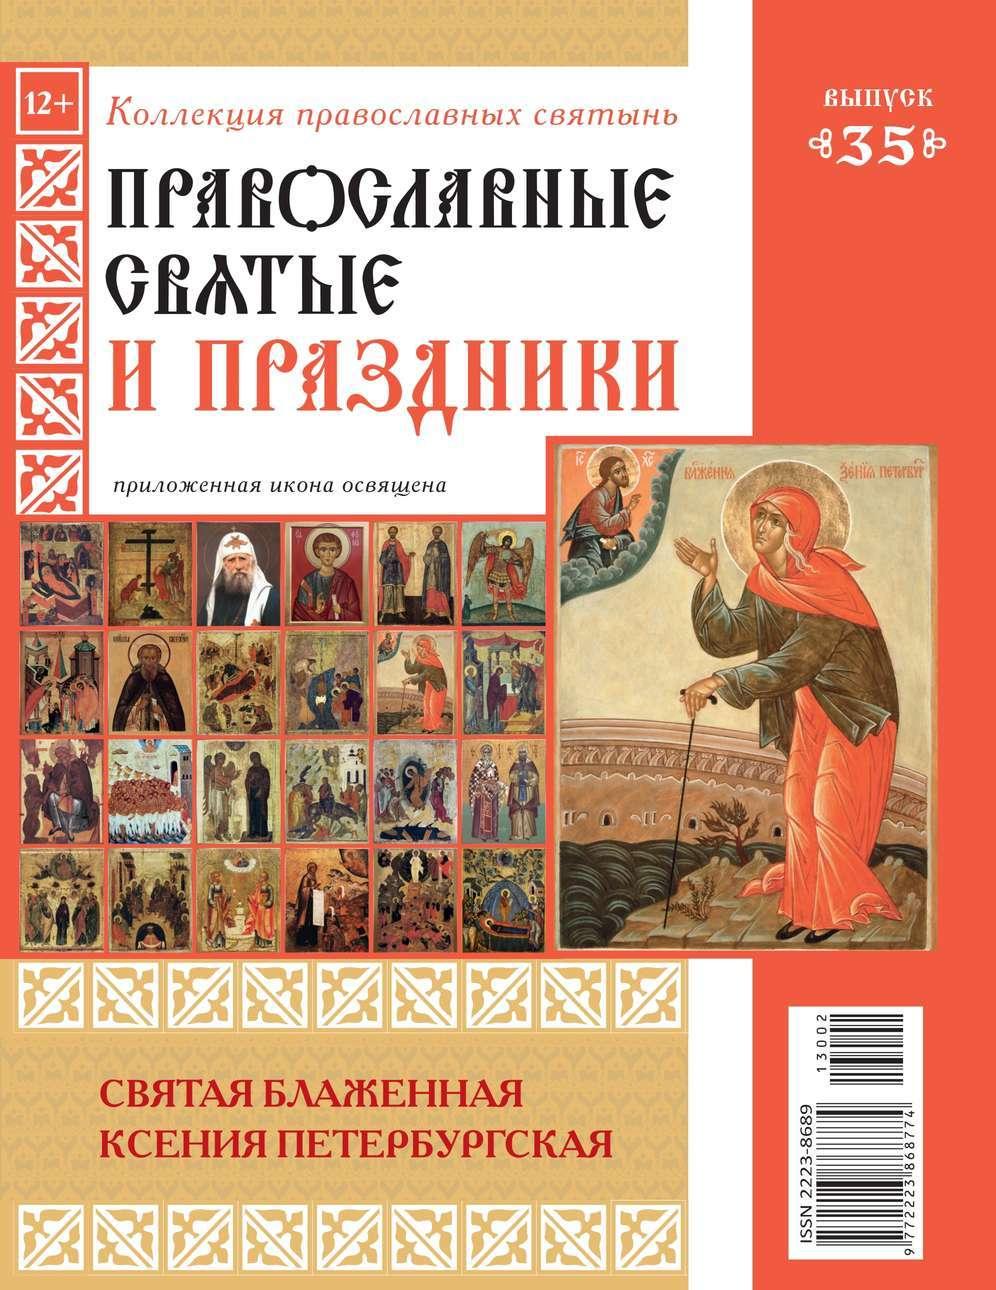 Коллекция Православных Святынь 35